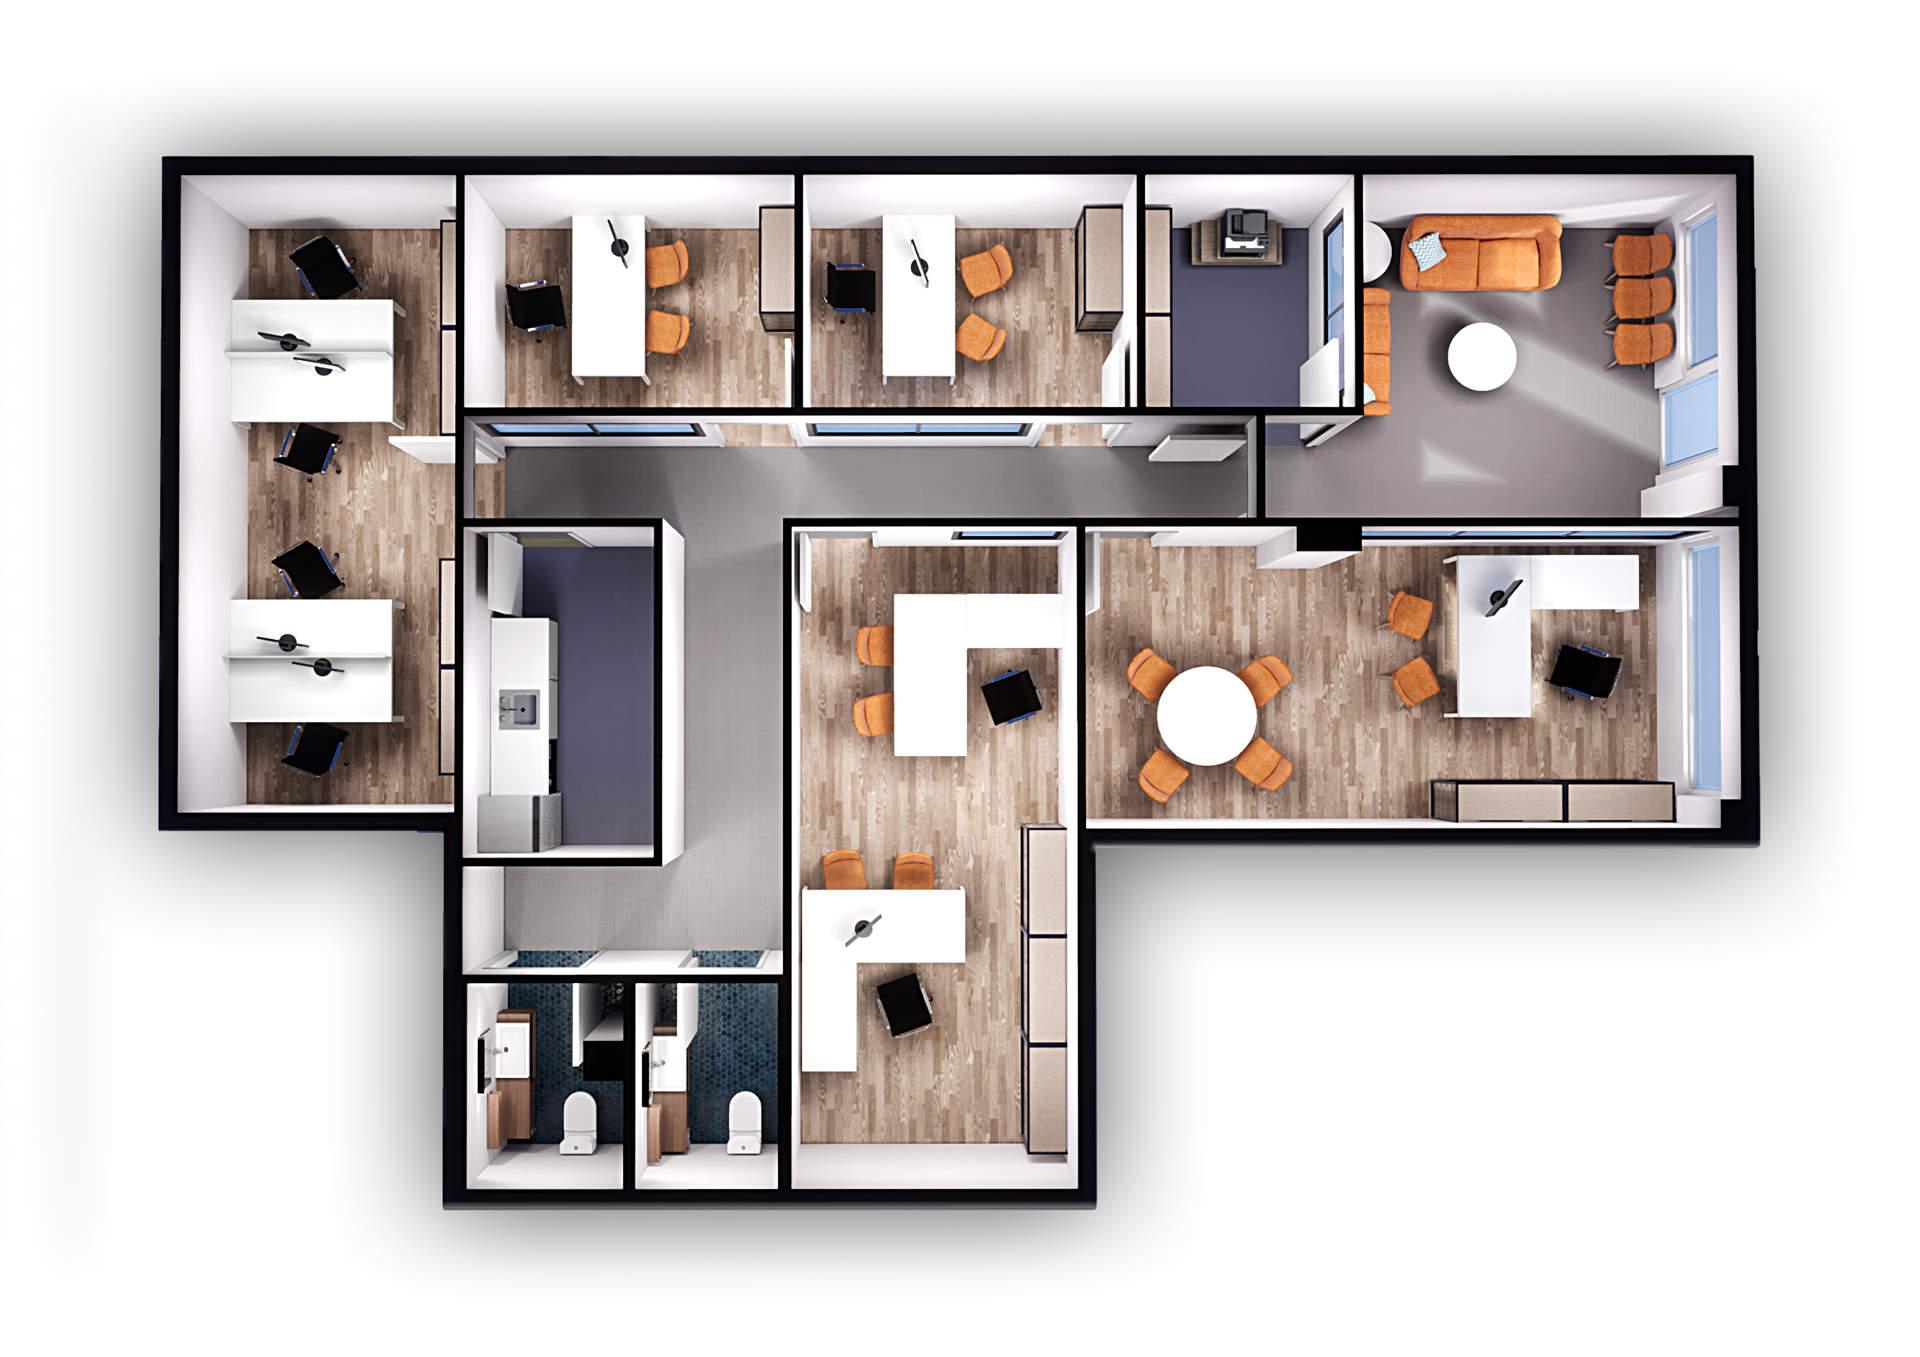 Plano 3d de oficina para alquiler de despachos Padre Mendez (Almería)